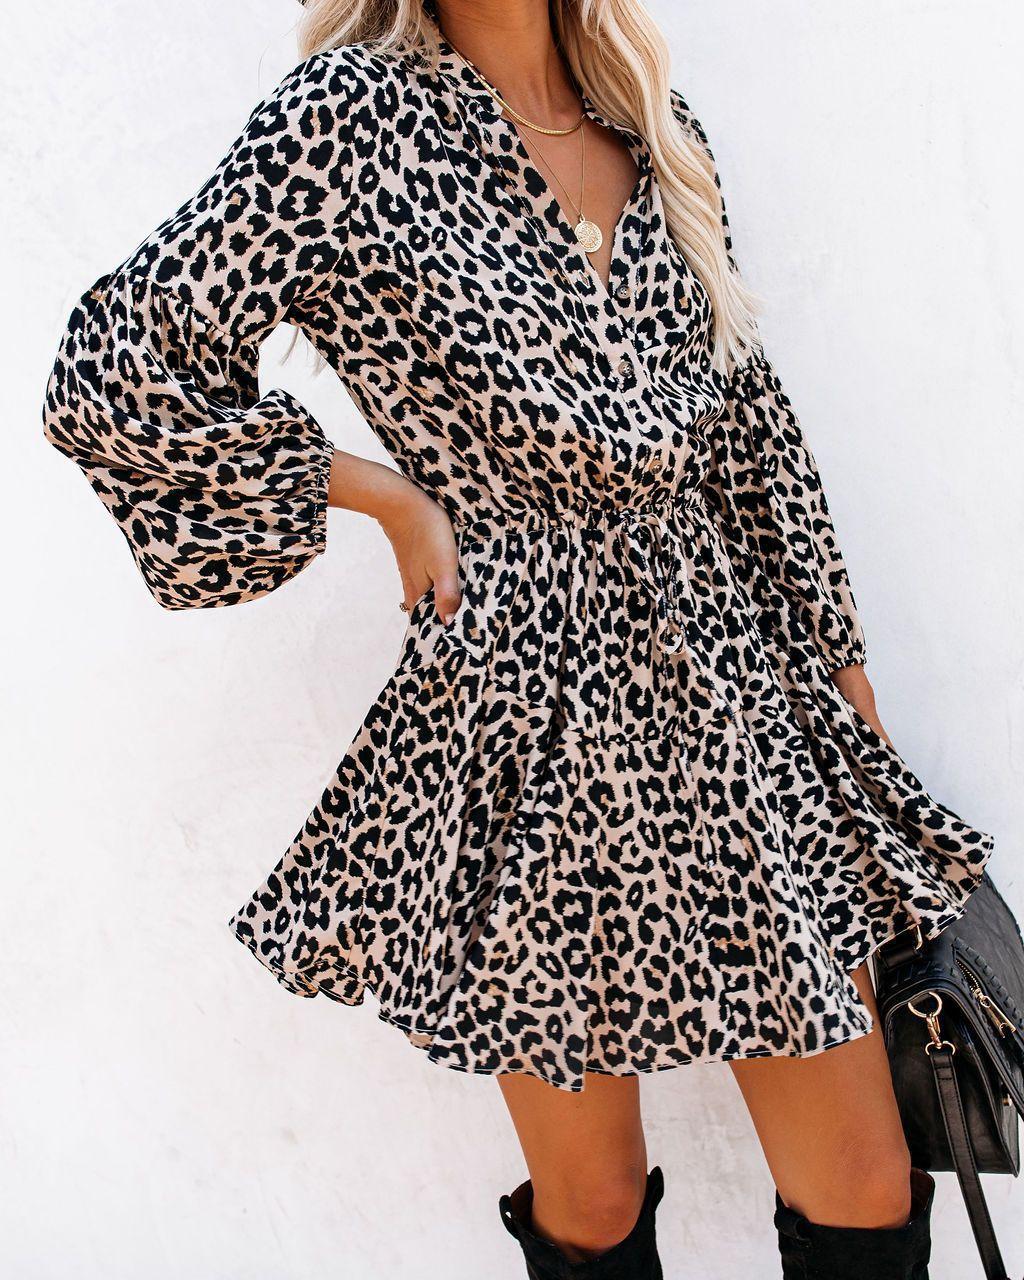 跨境欧美外贸速卖通独立站新款豹纹印花灯笼袖荷叶边长袖连衣裙